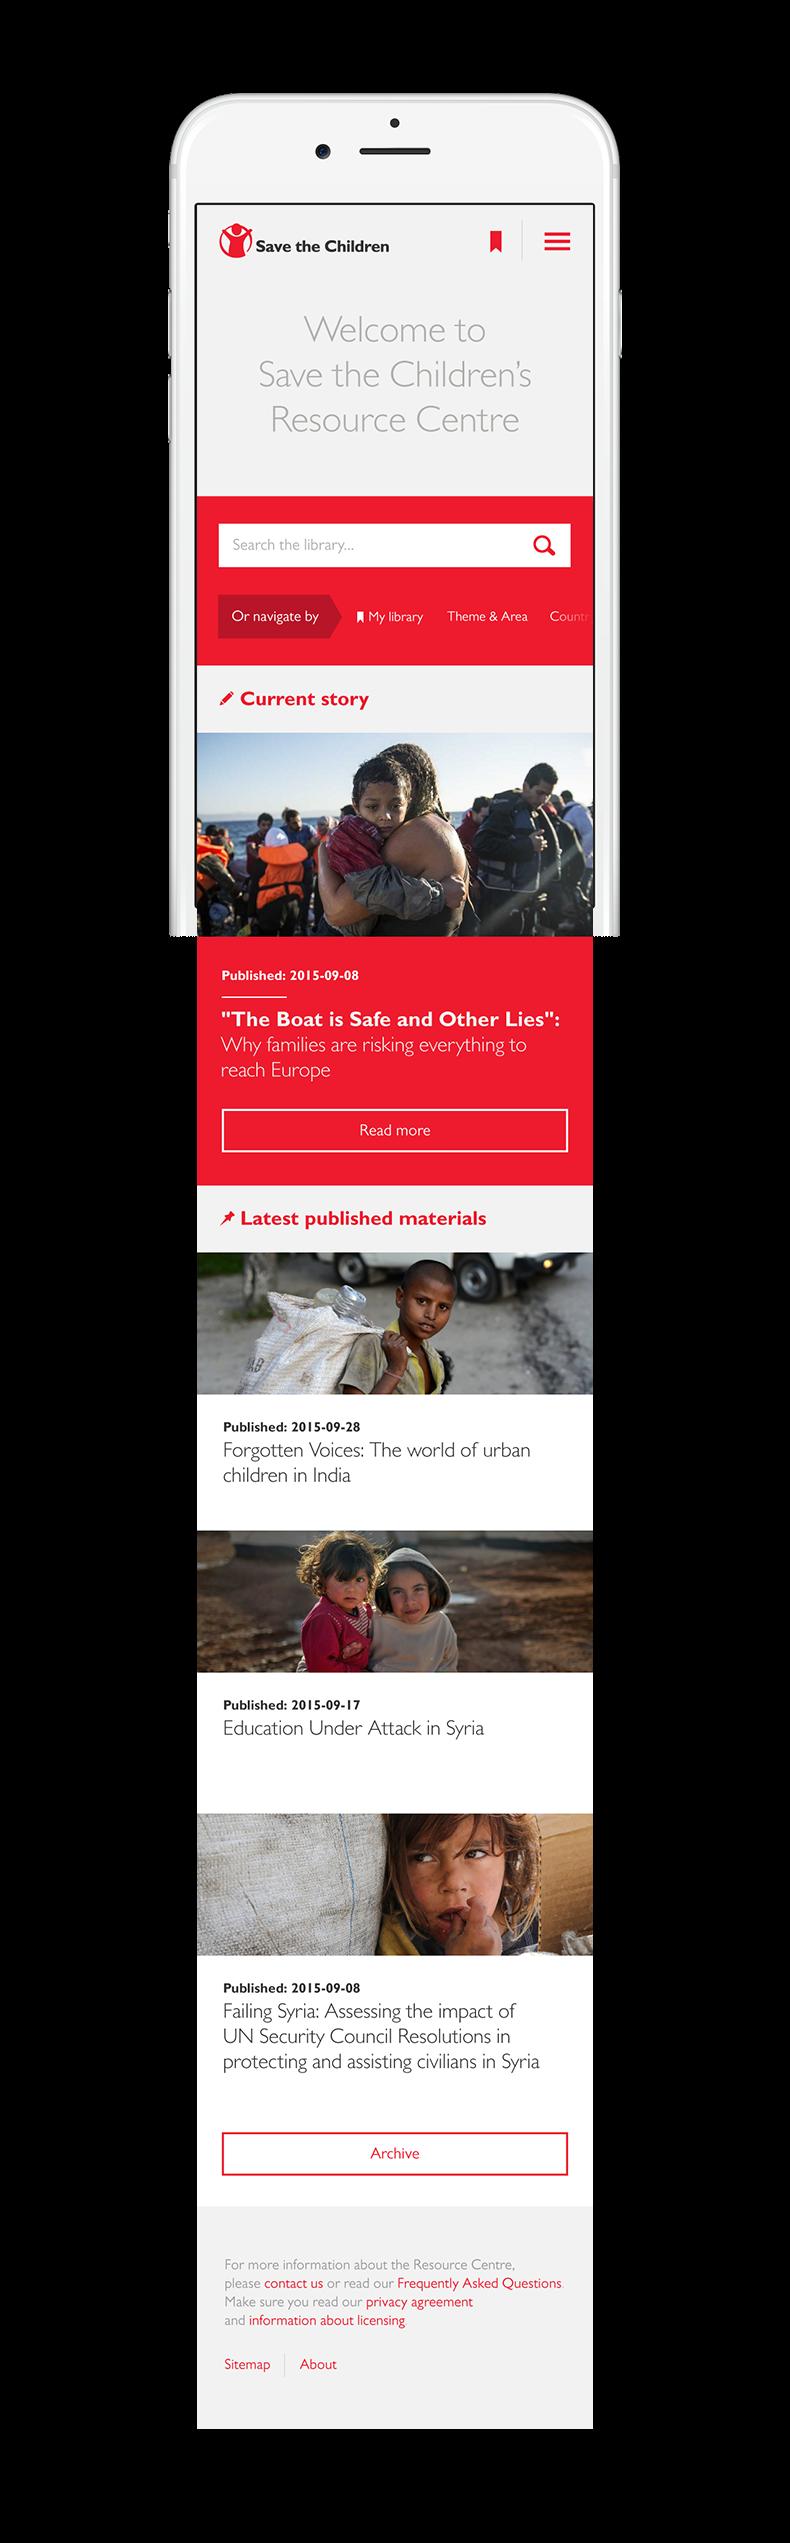 save the children refugee resource center press resource